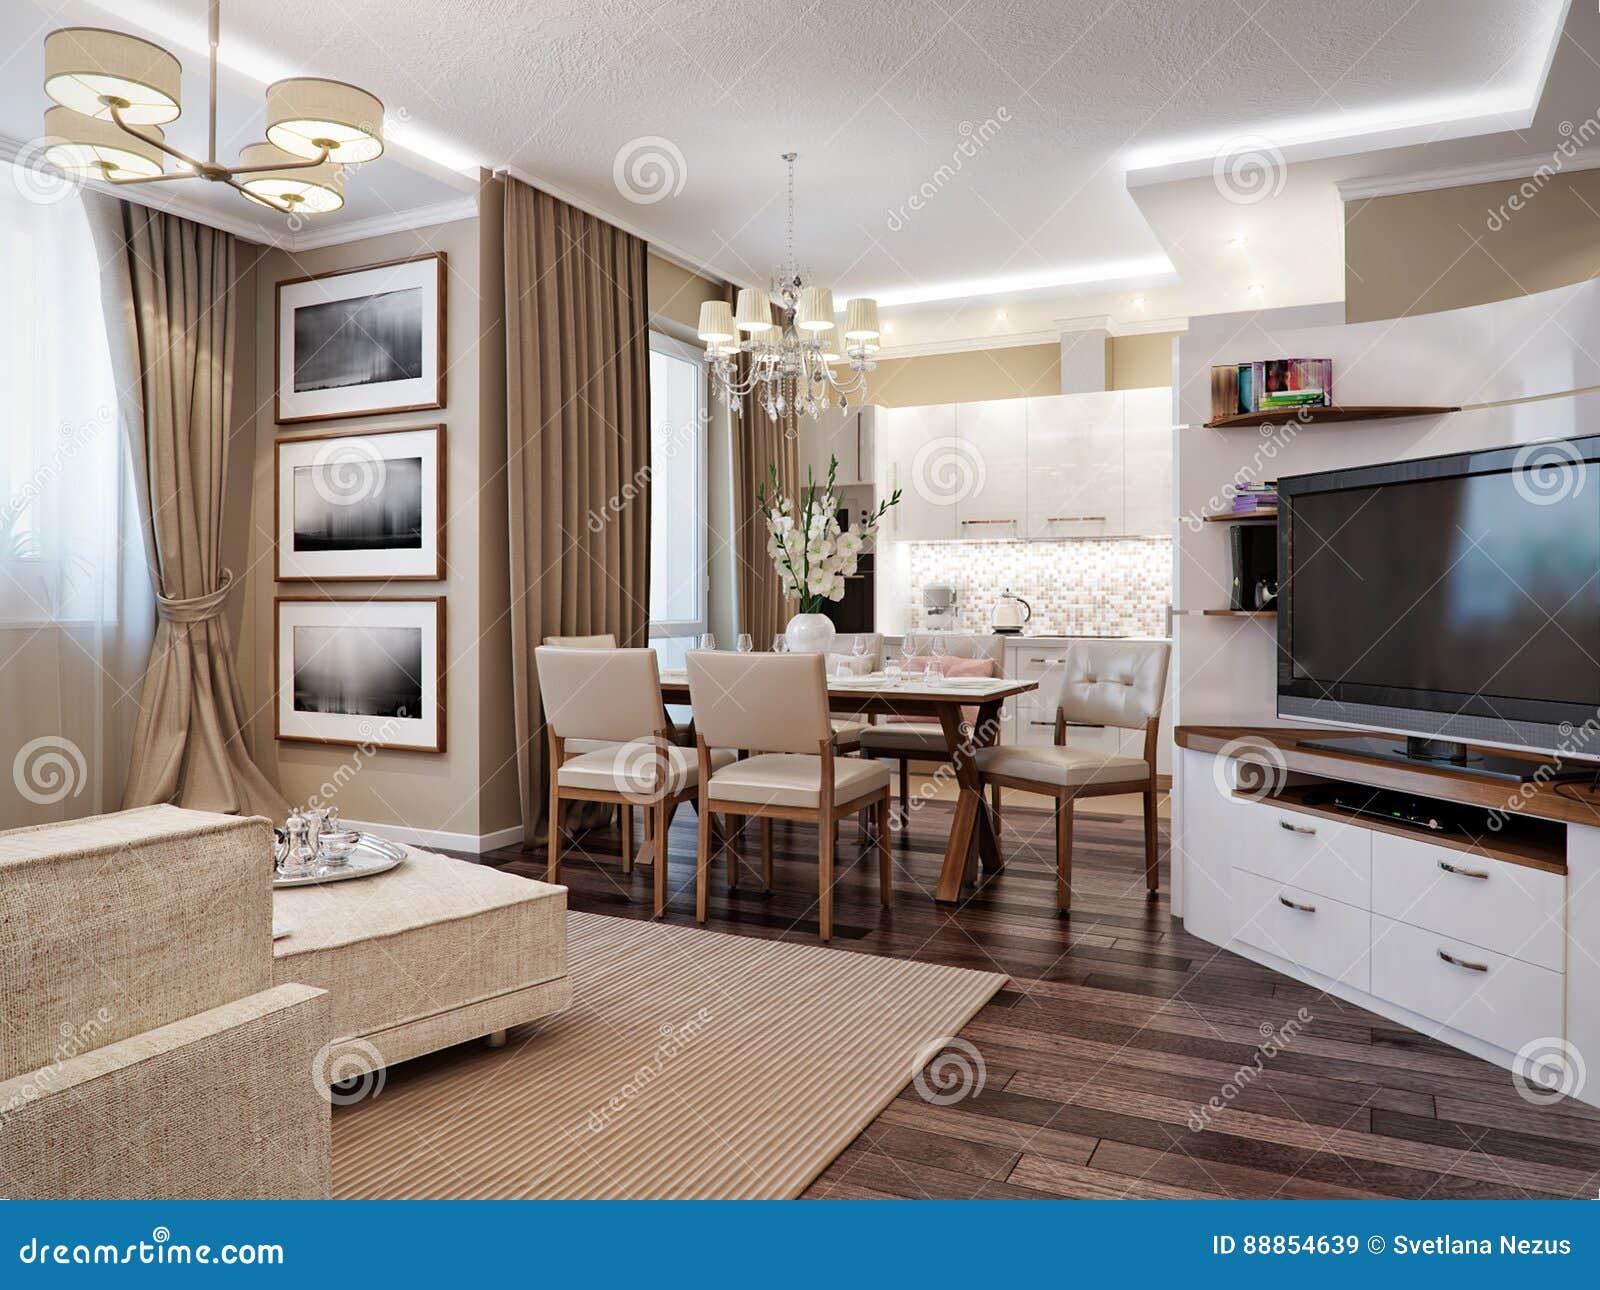 Salon Moderne Cuisine Et Salle A Manger Illustration Stock